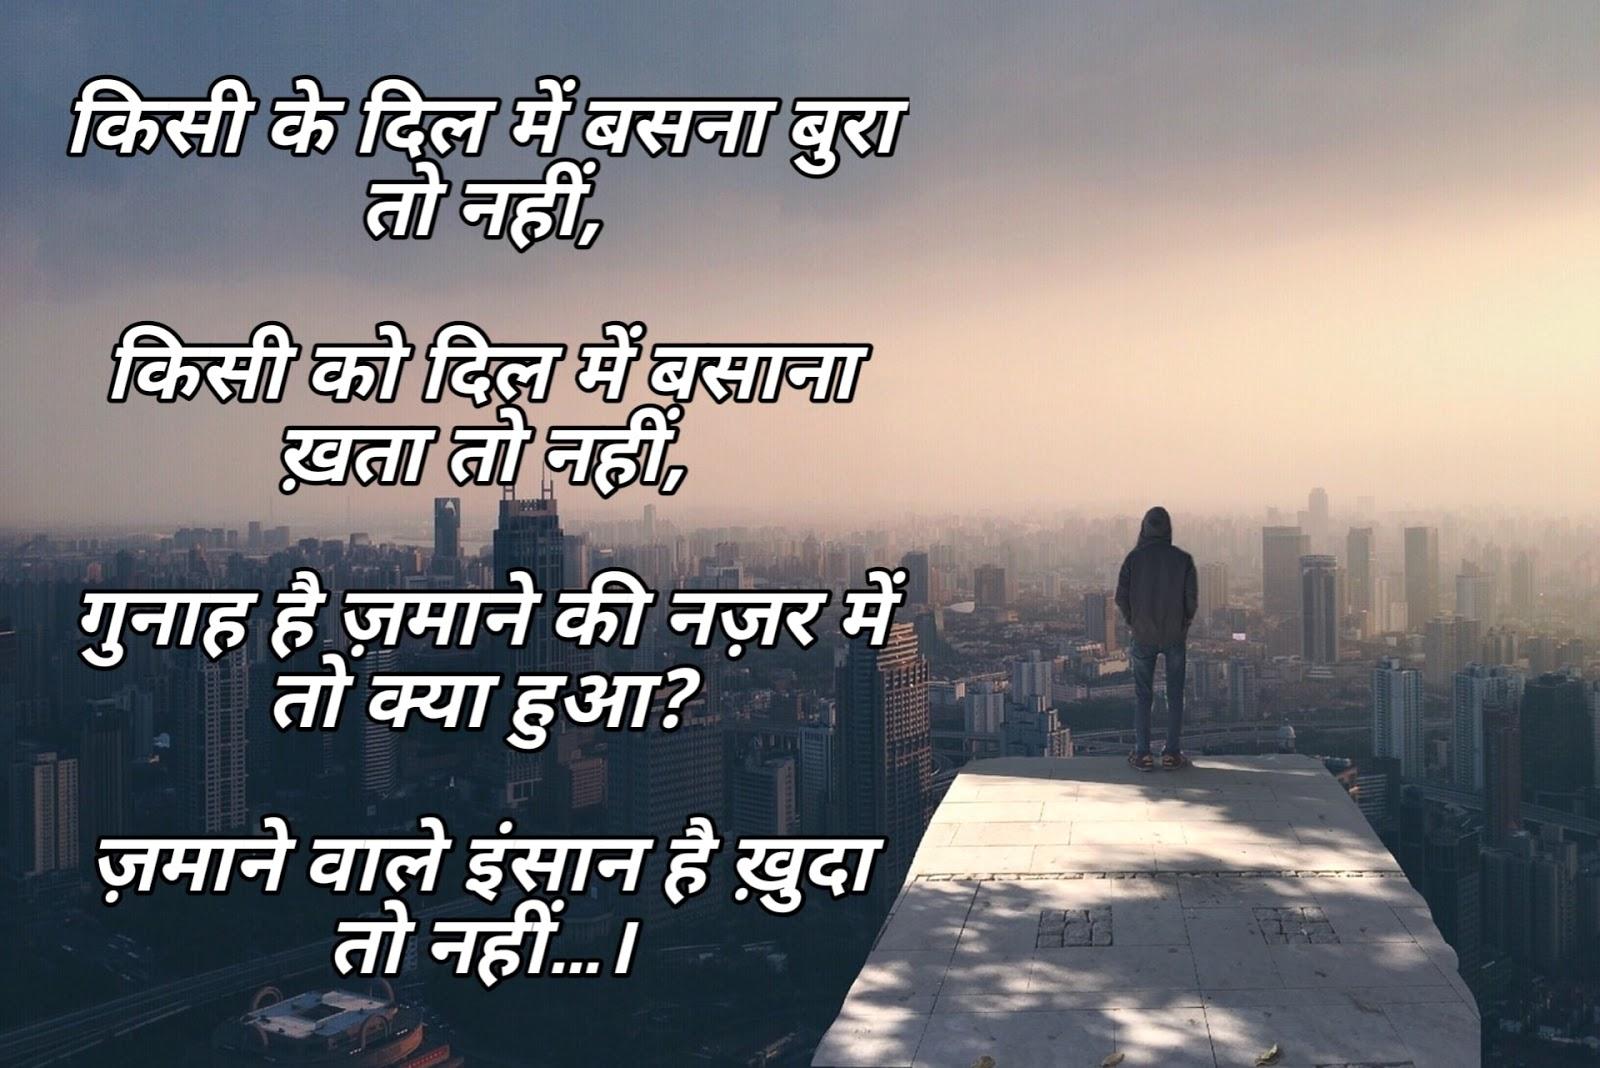 Love sad romantic shayari